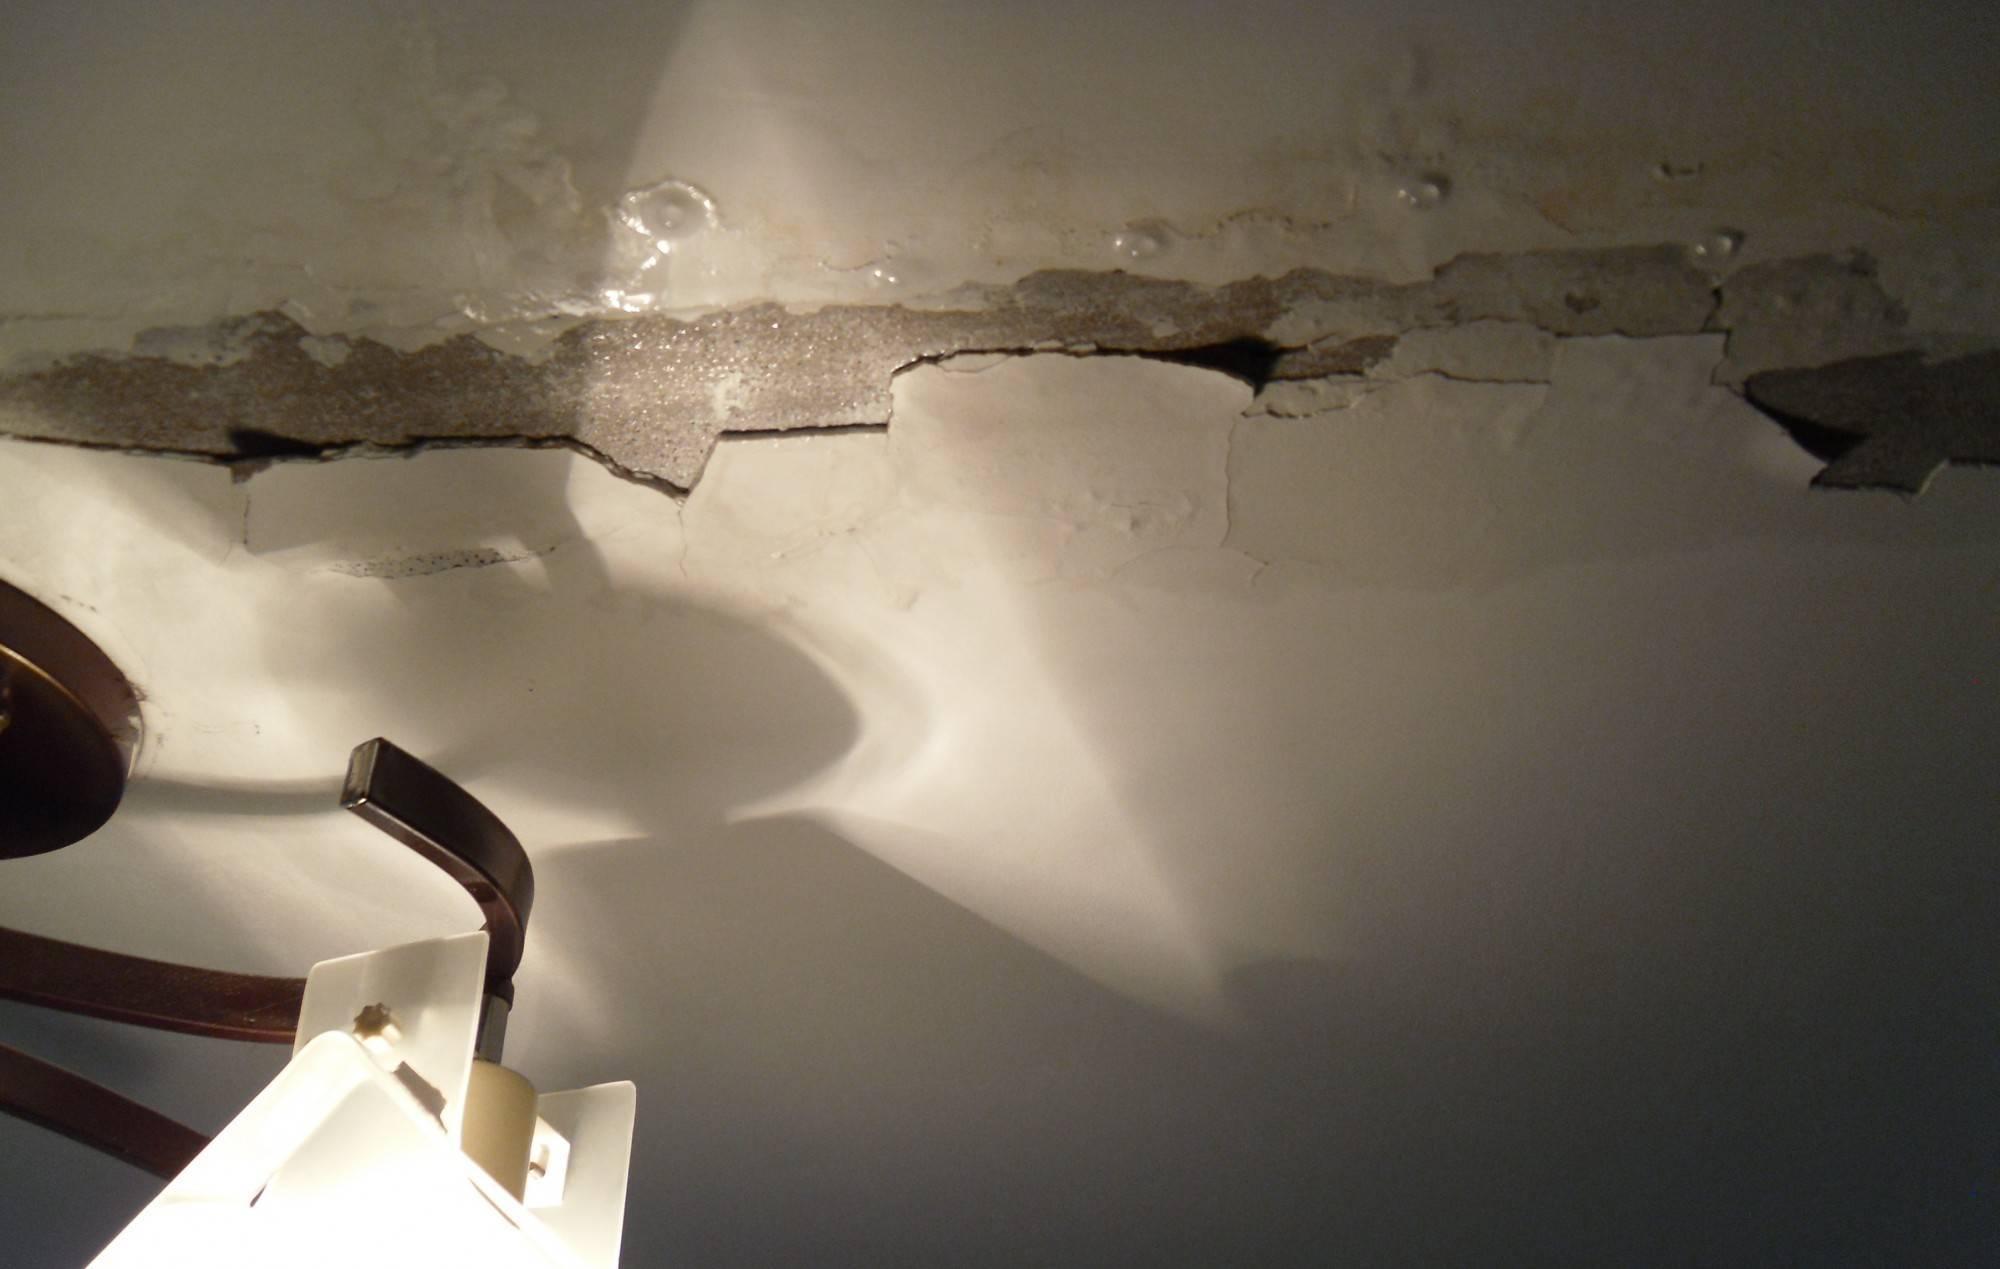 Ремонт потолка после протечки своими руками: образец сметы при затоплении и цена